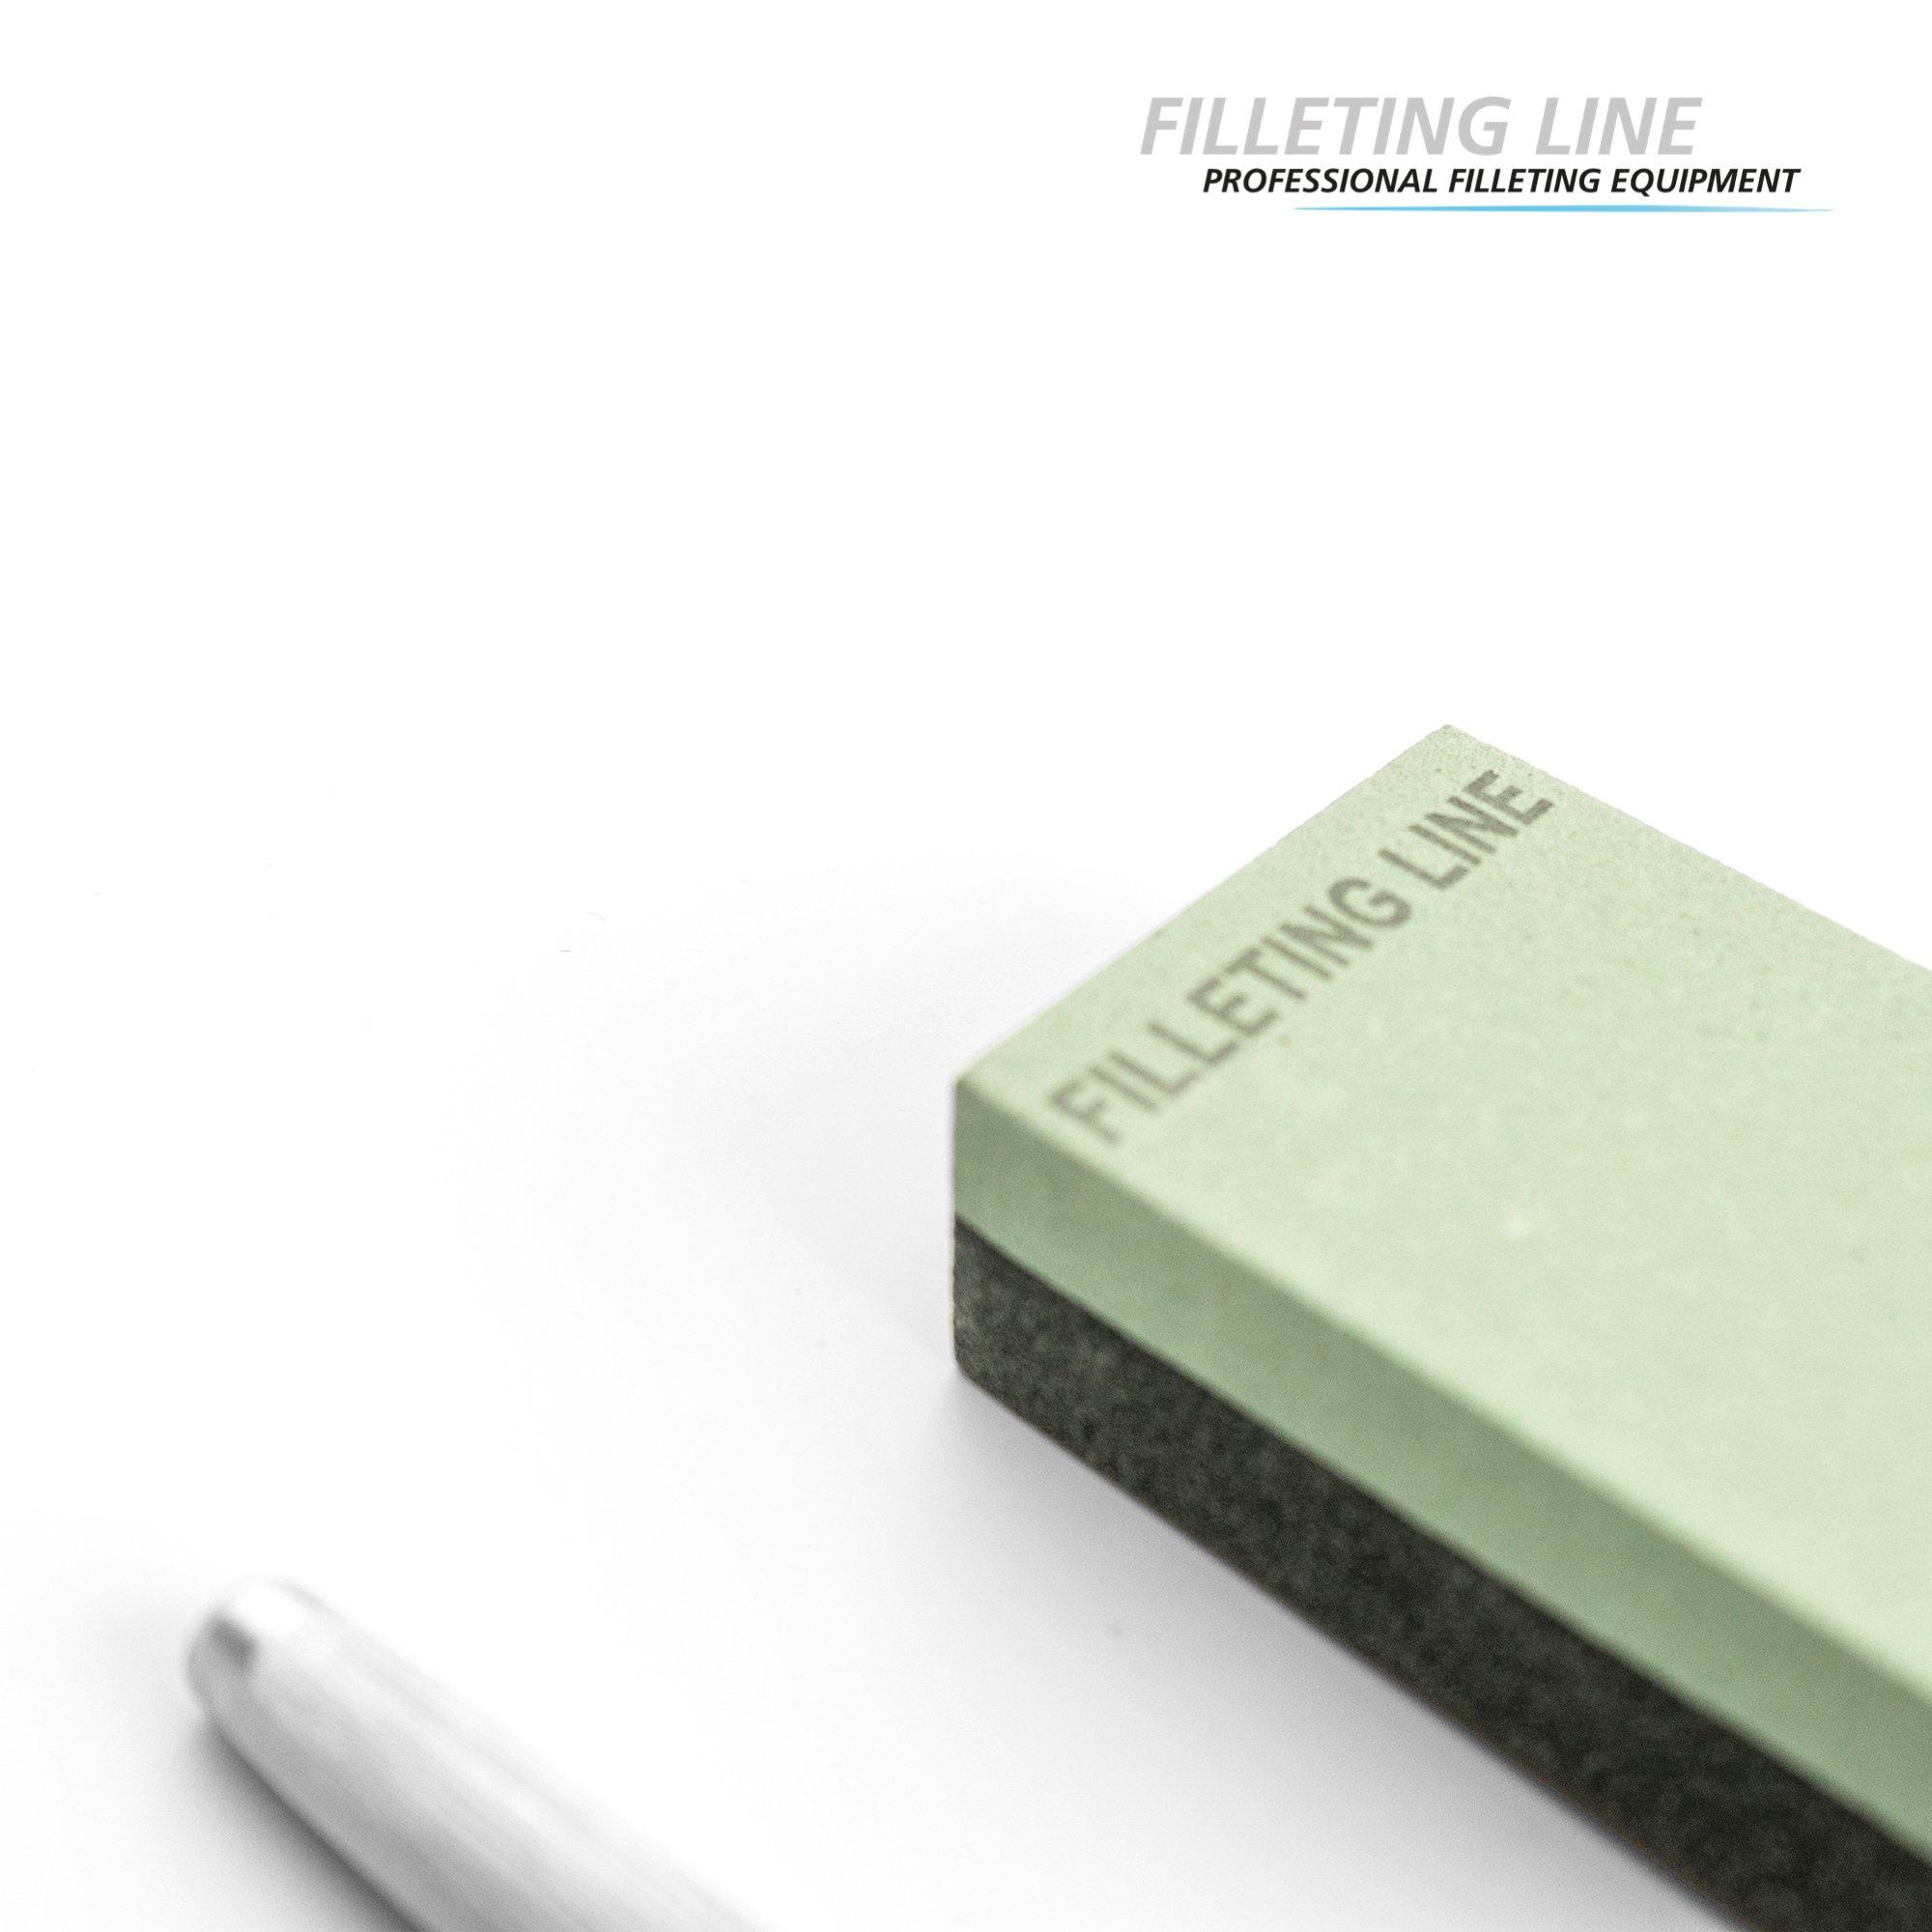 FILLETING LINE_2000x2000_DETAILS_logo-2